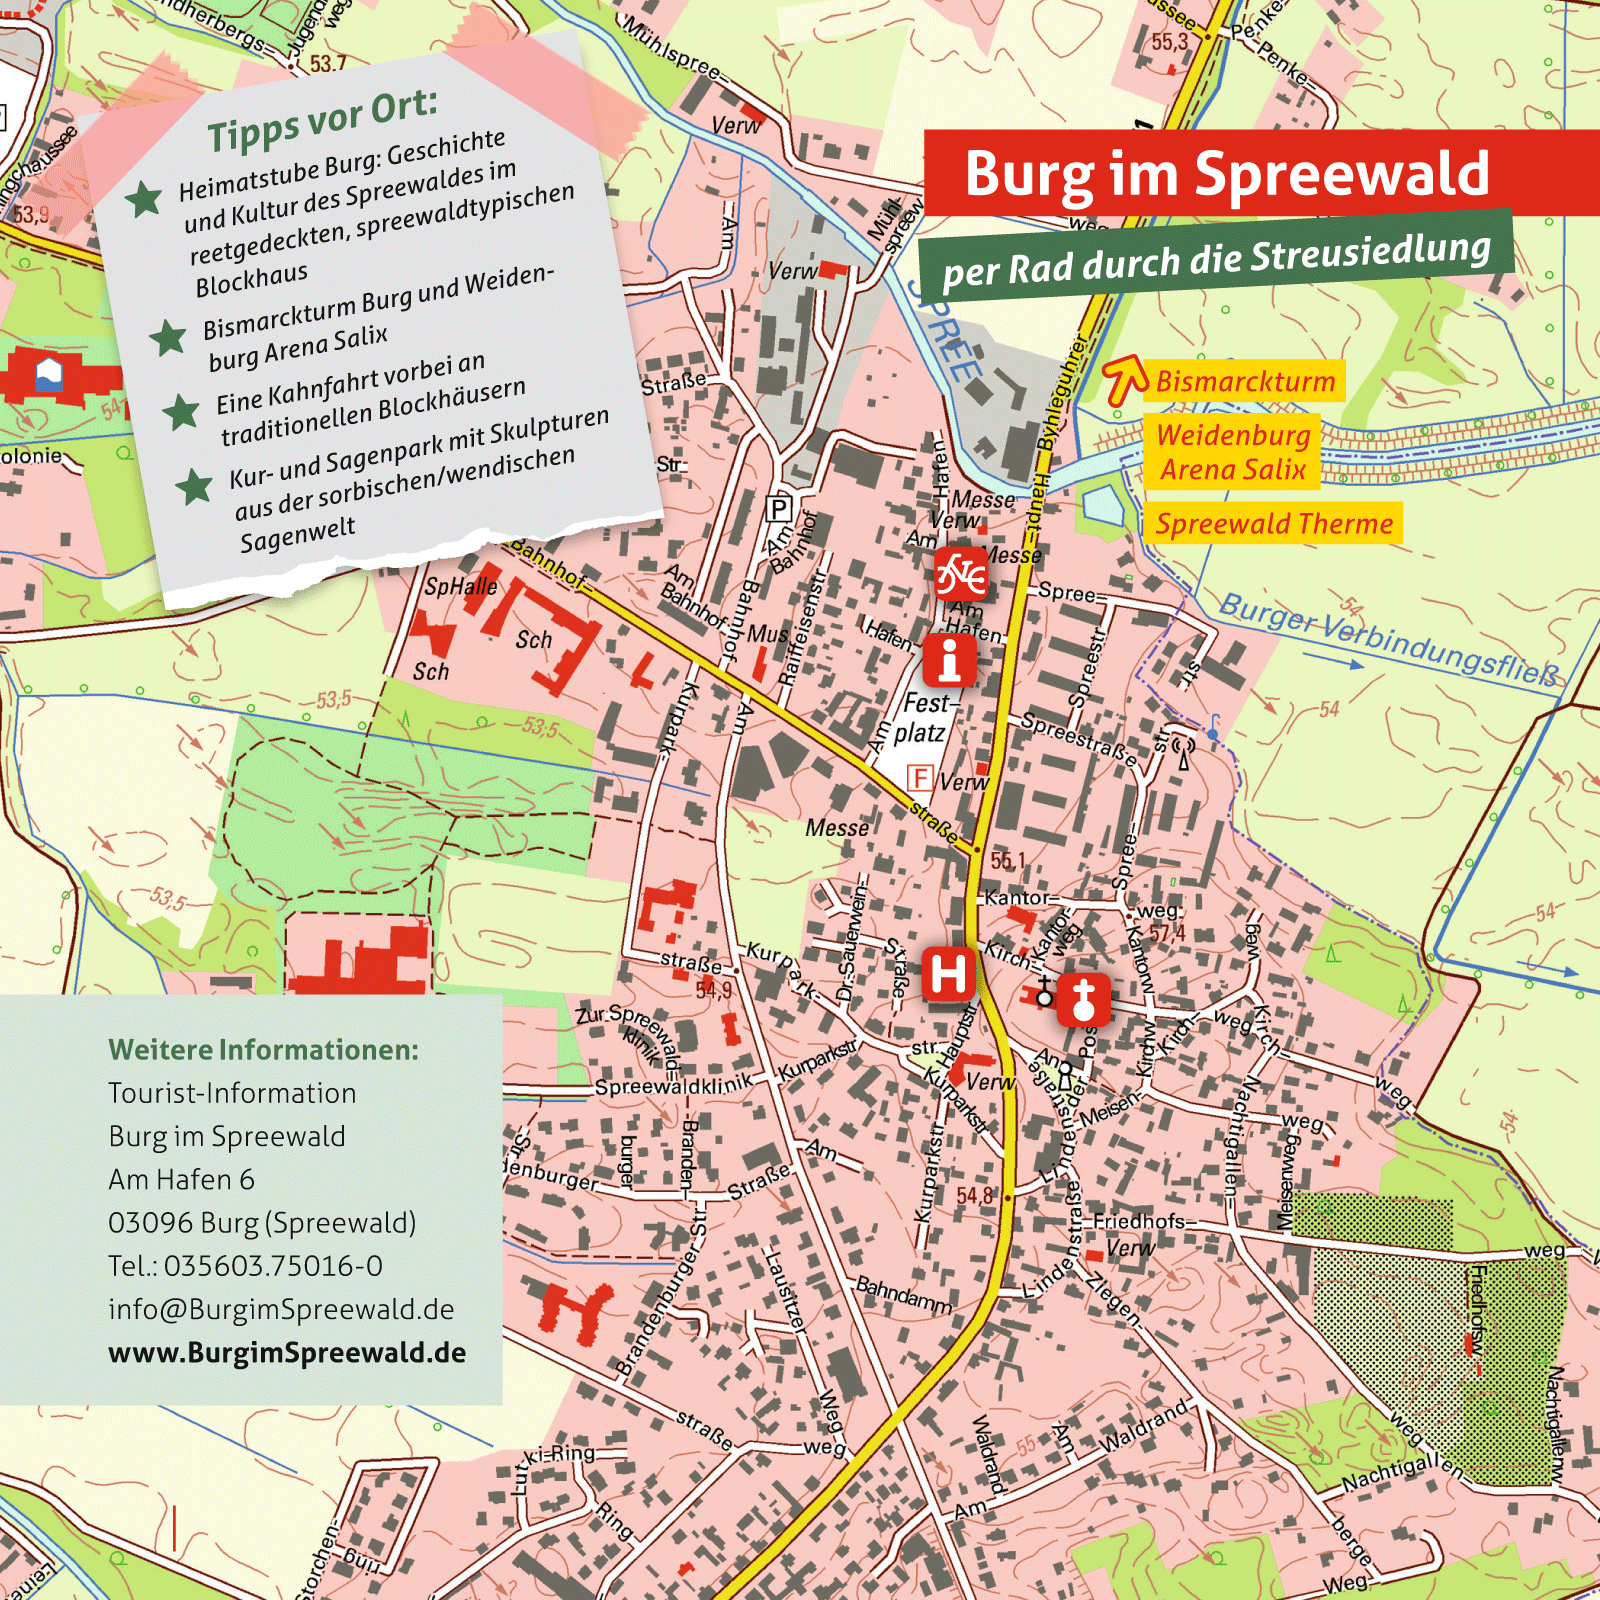 Ausflugskarte für Burg (Spreewald)